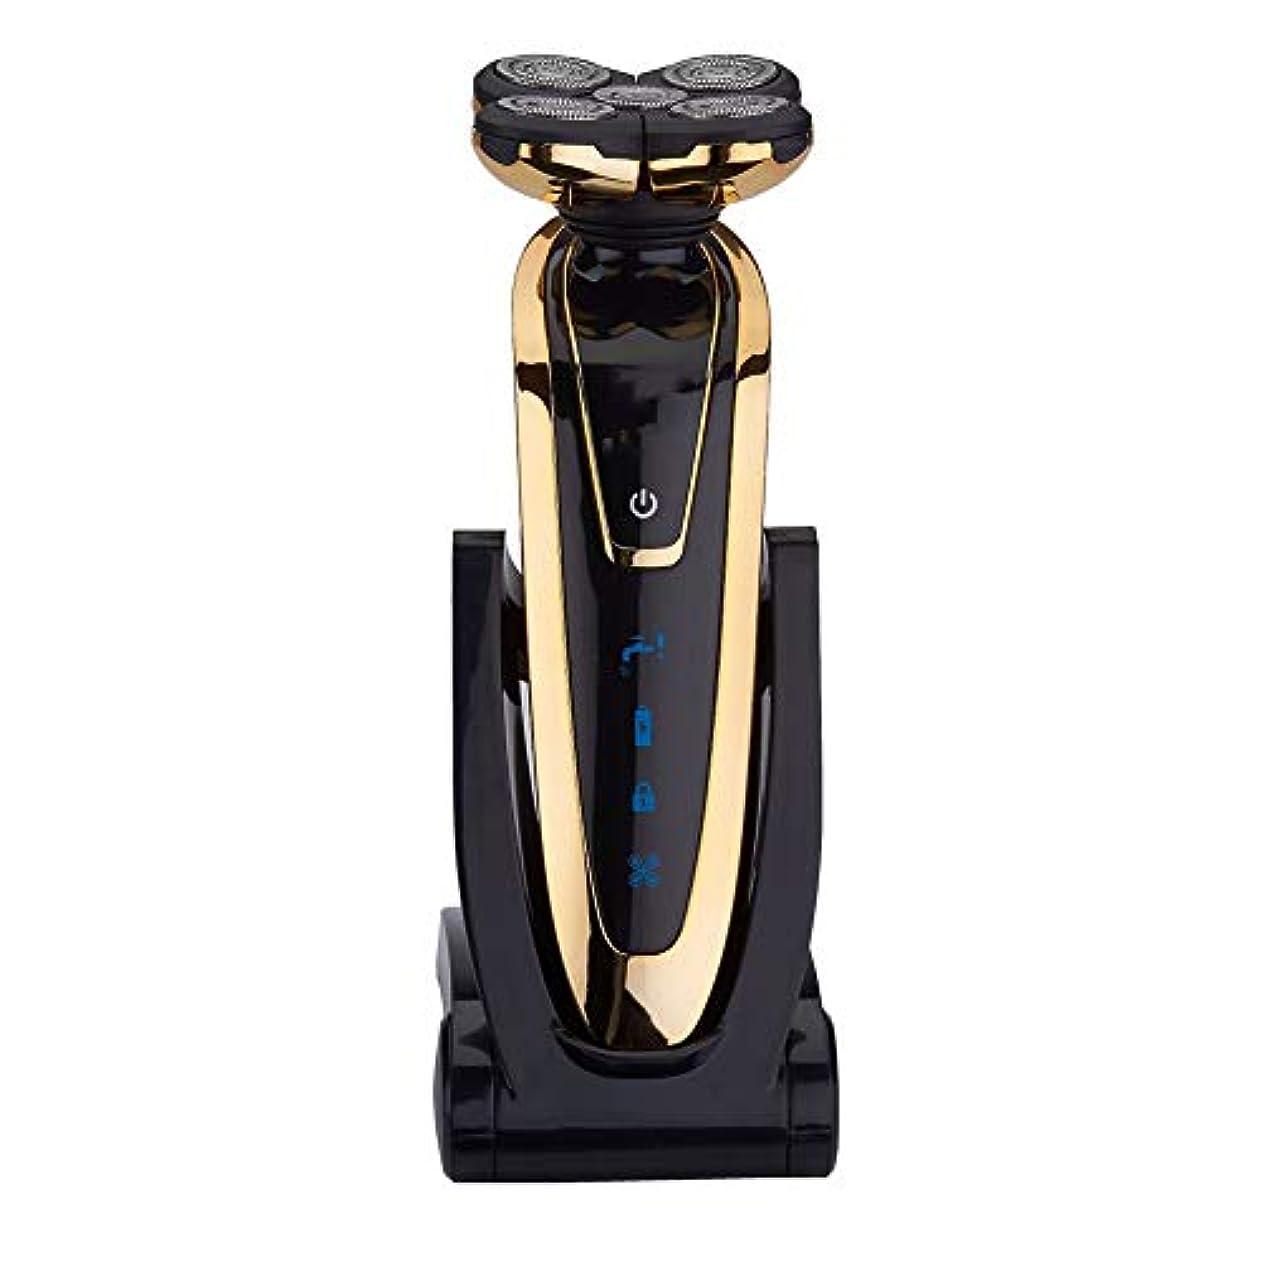 ベッド改修するシプリー回転式カミソリ男性用電気シェーバー充電式コードレスカミソリウェット&ドライボディ防水